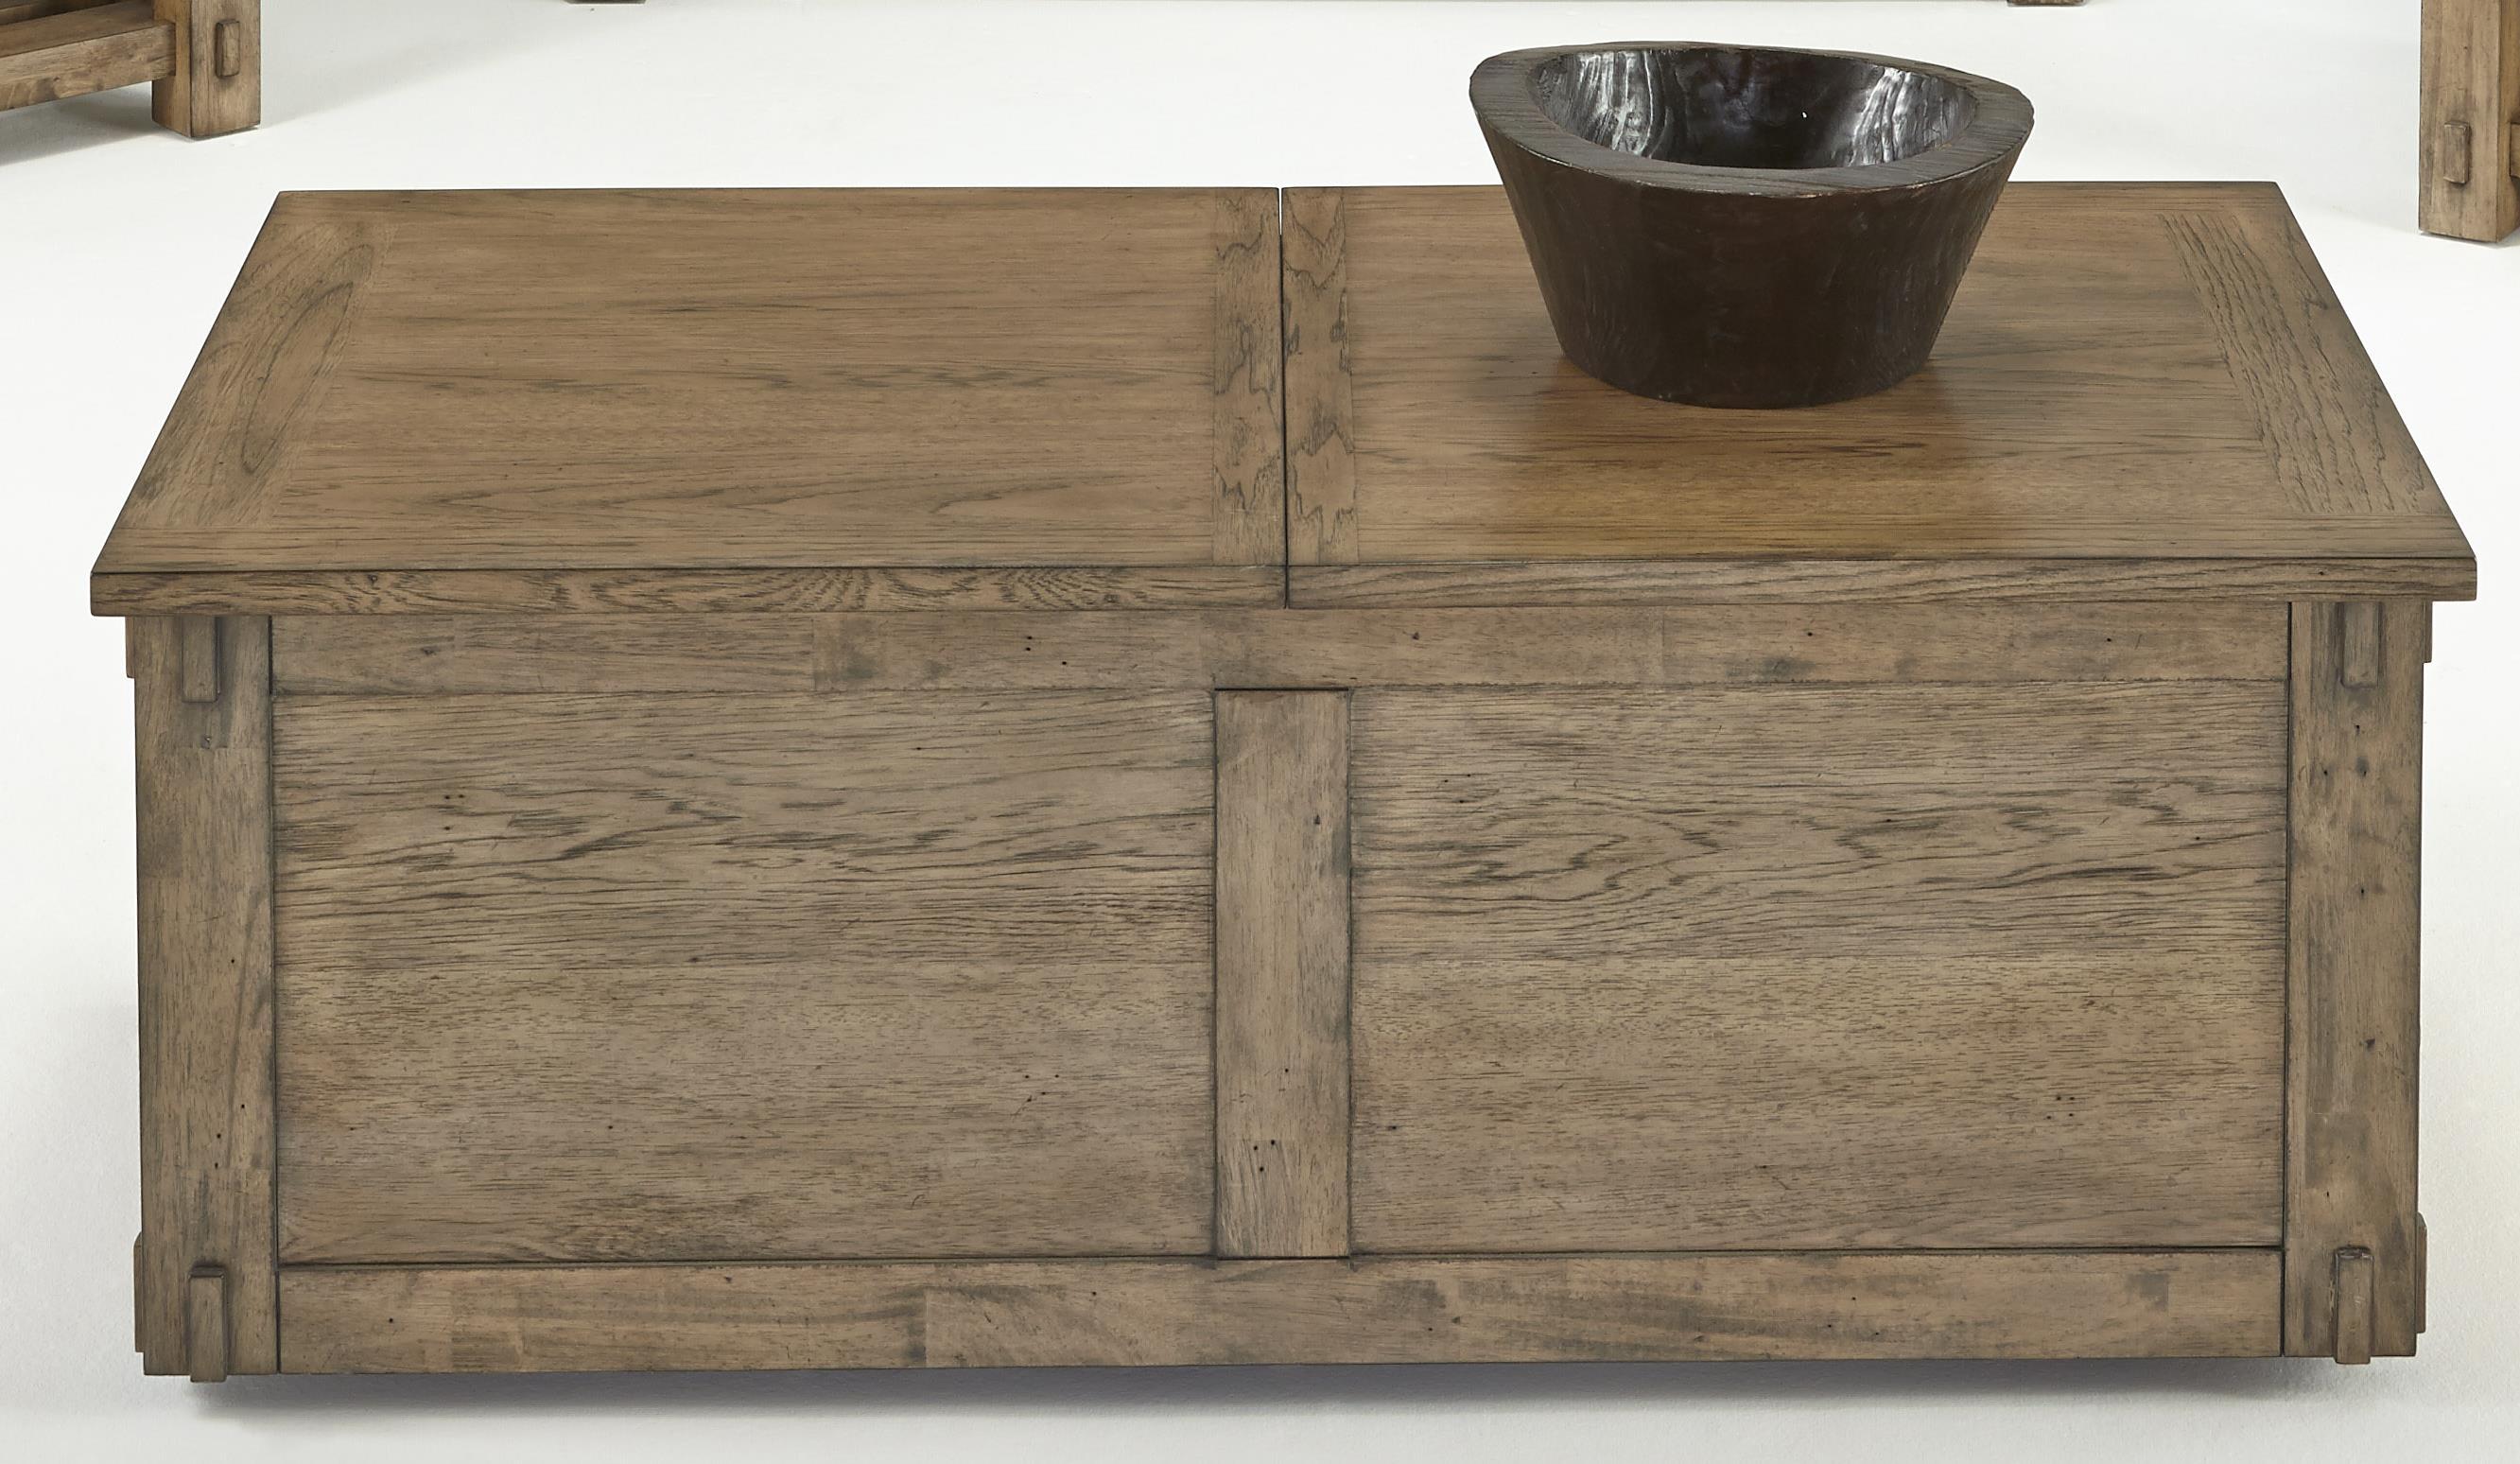 Progressive Furniture Boulder Creek Castered Trunk Cocktail Table - Item Number: P549-17